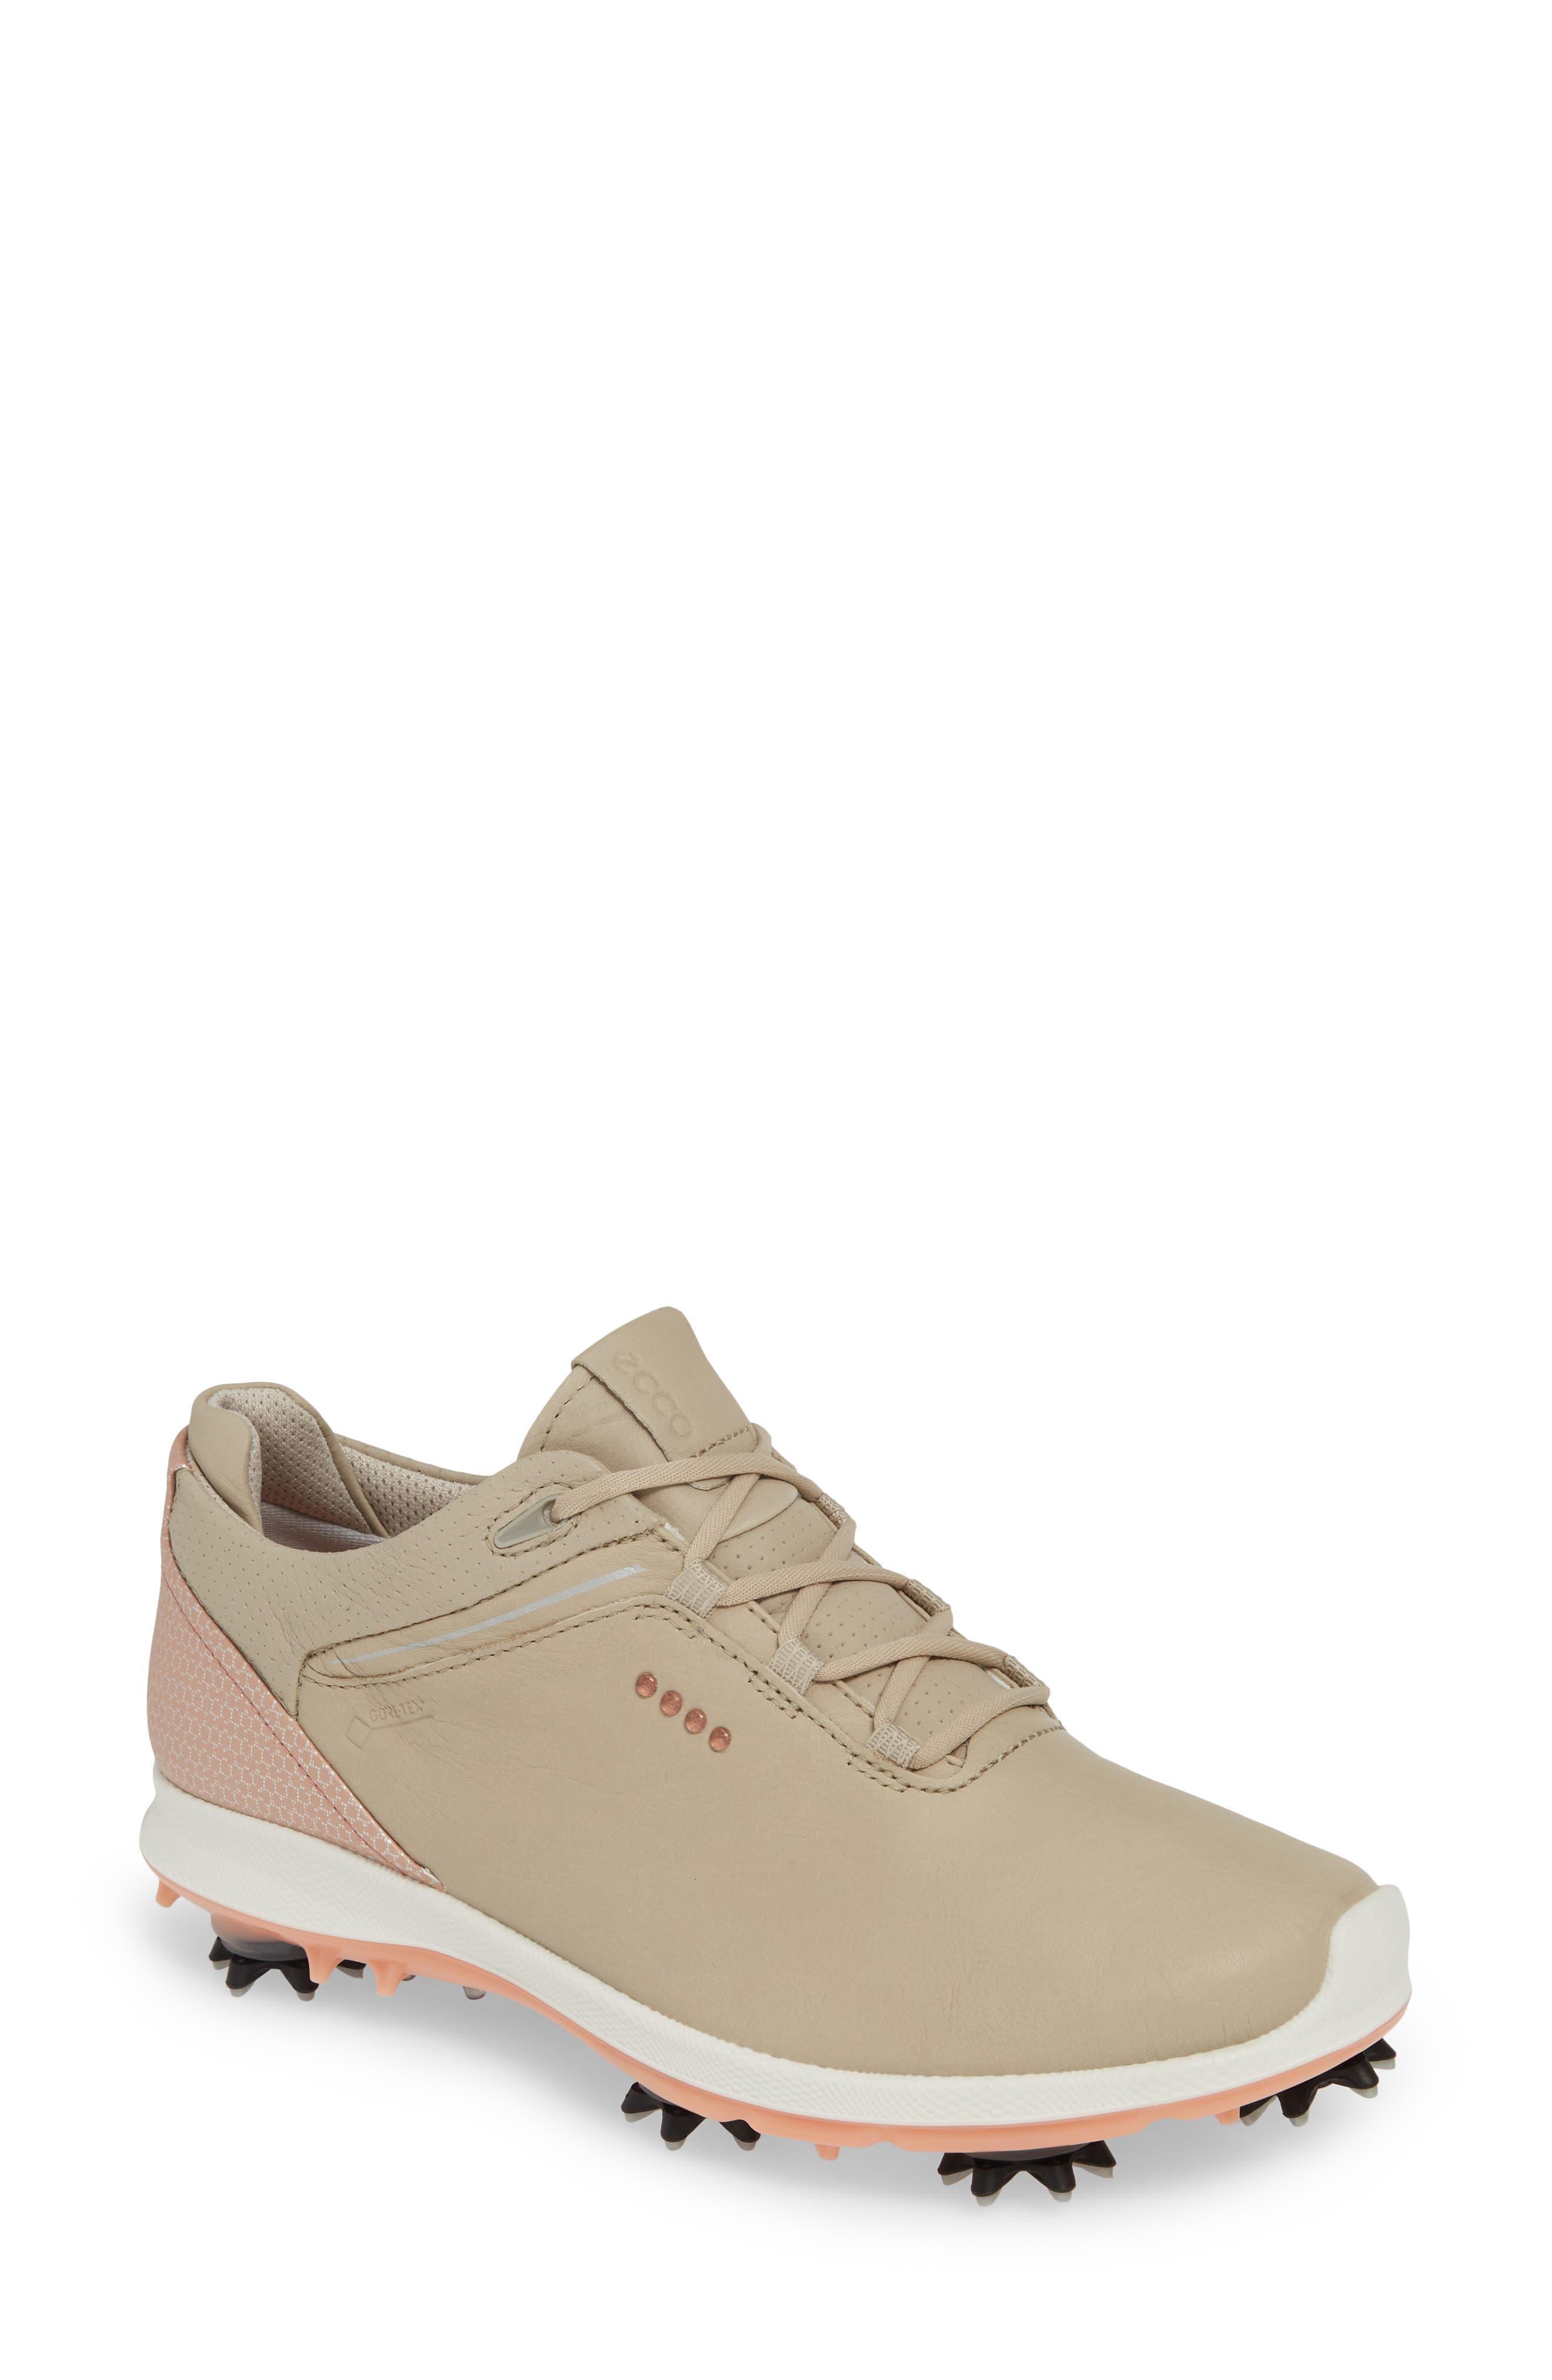 Ecco Biom G 2 Free Gore-Tex Golf Shoe, Beige